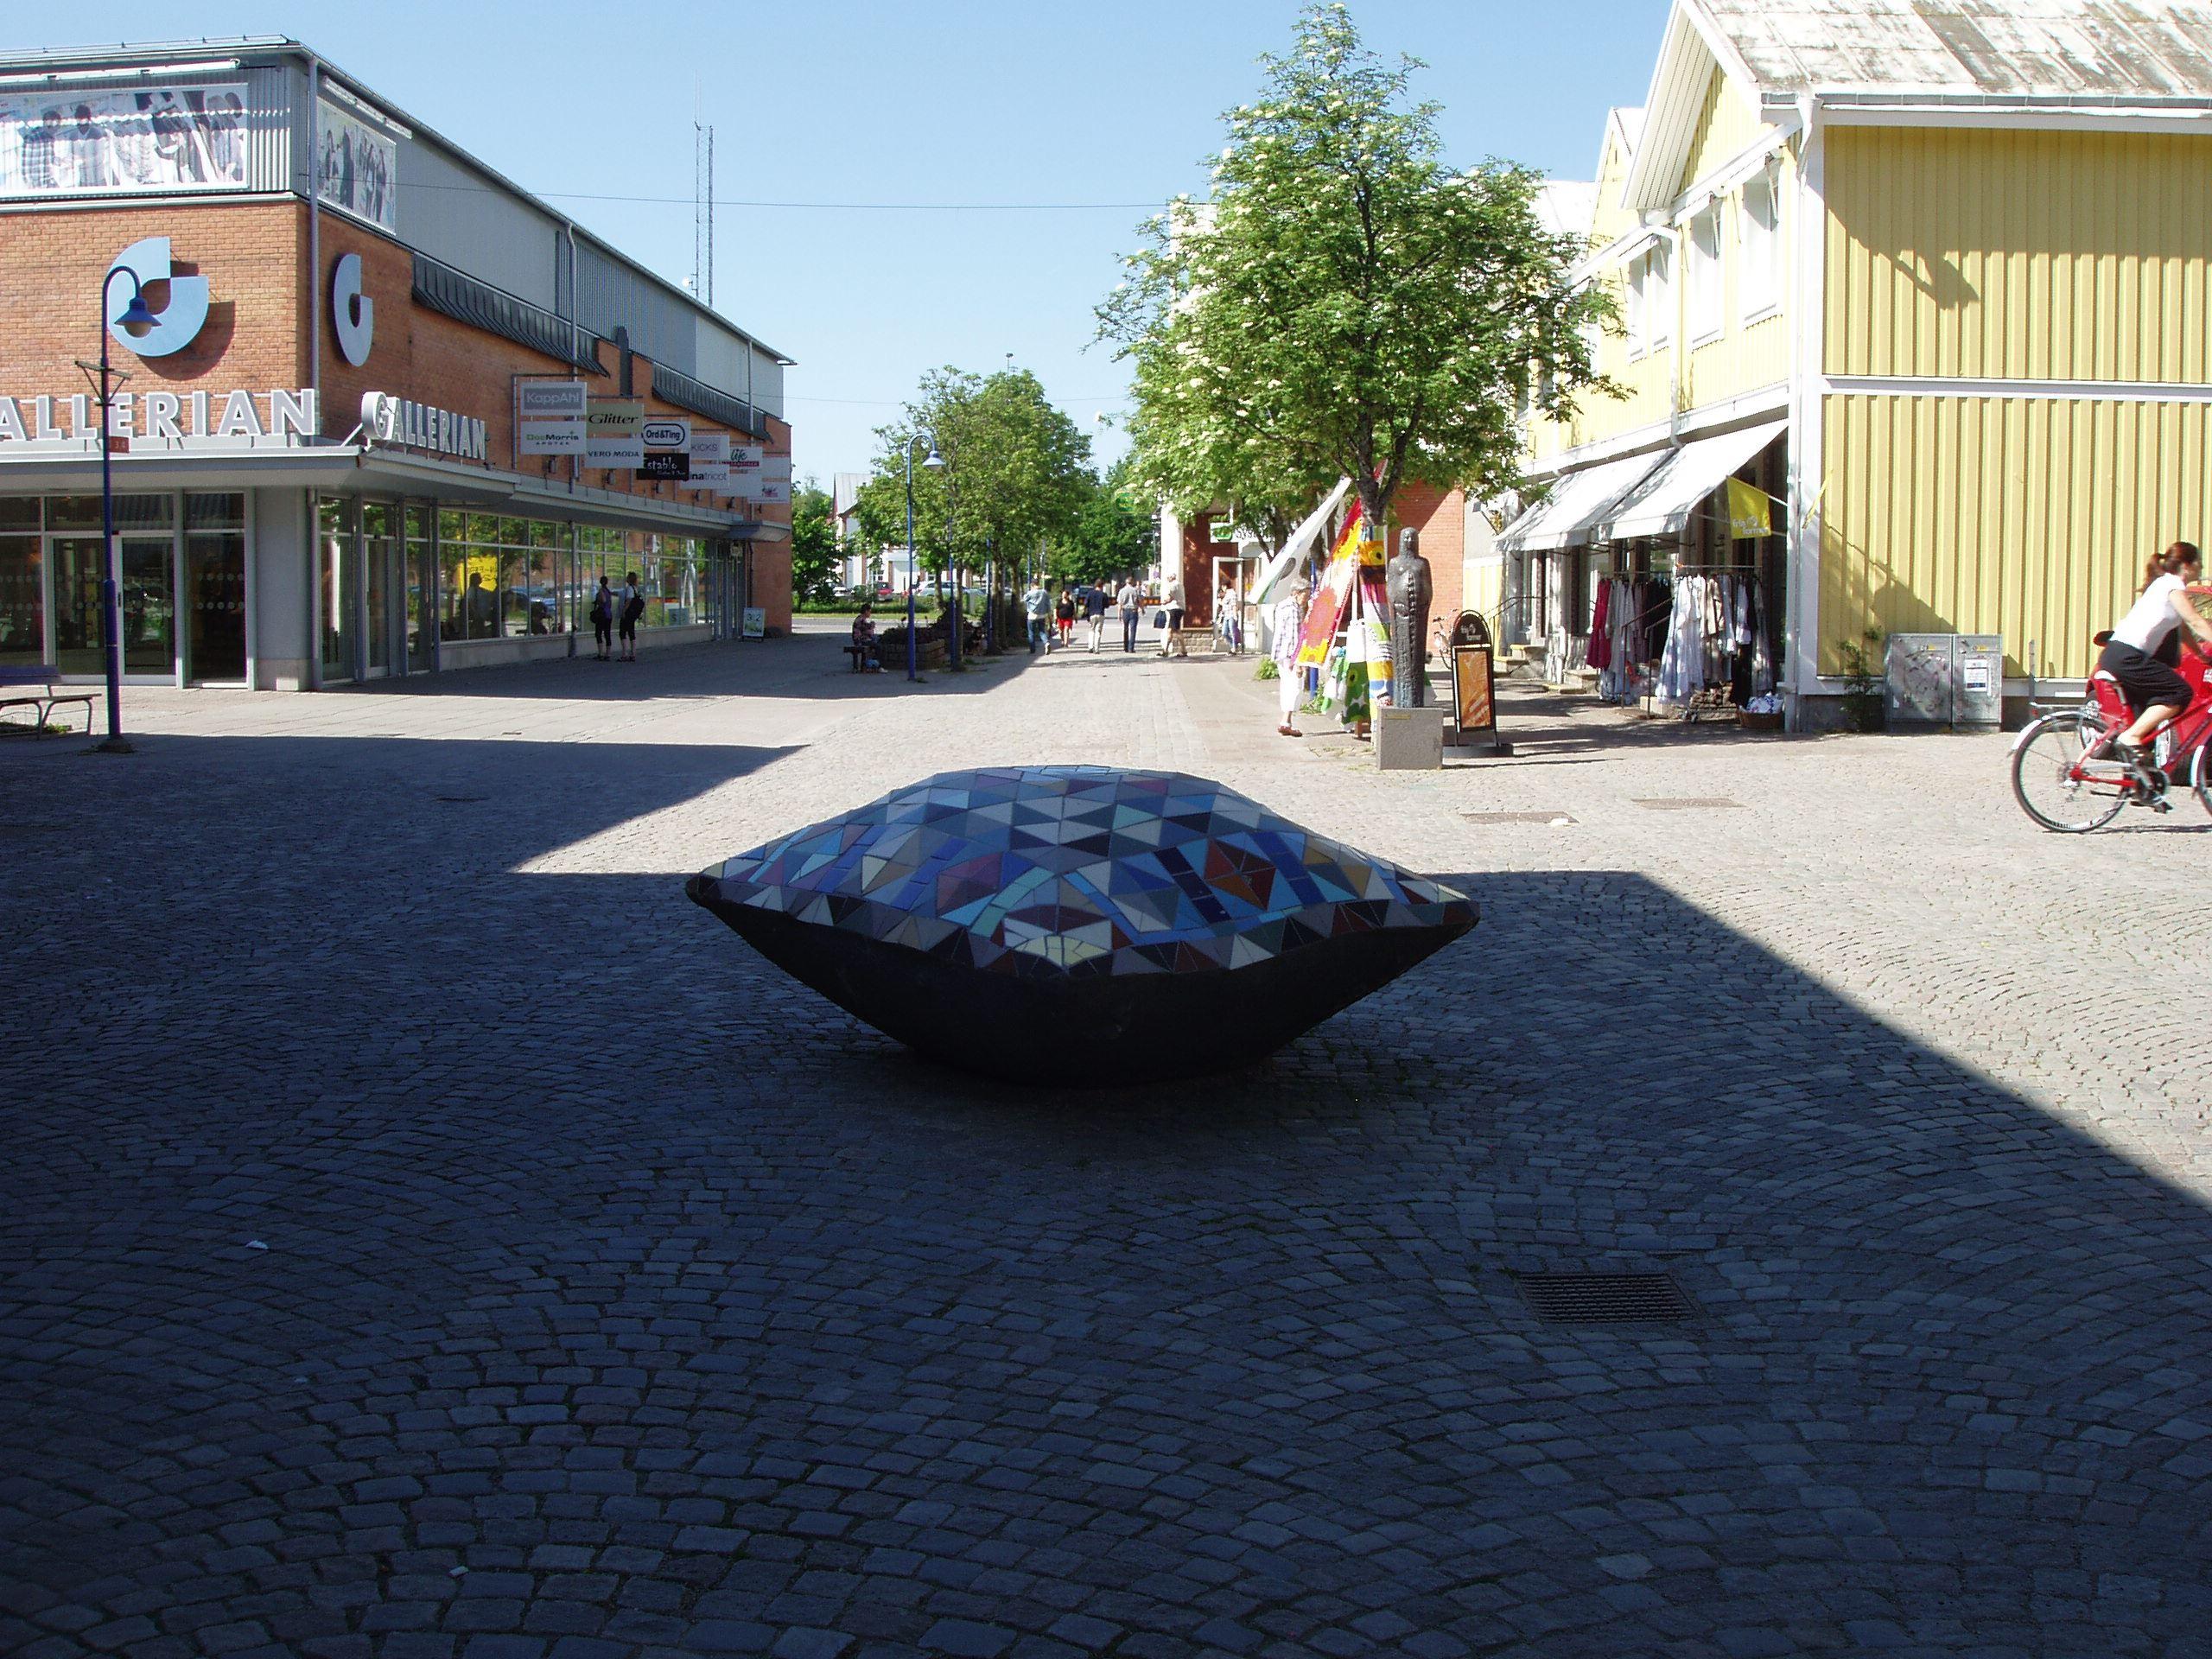 © Vetlanda Turistbyrå, Samlingsplats: Bibliotekstorget